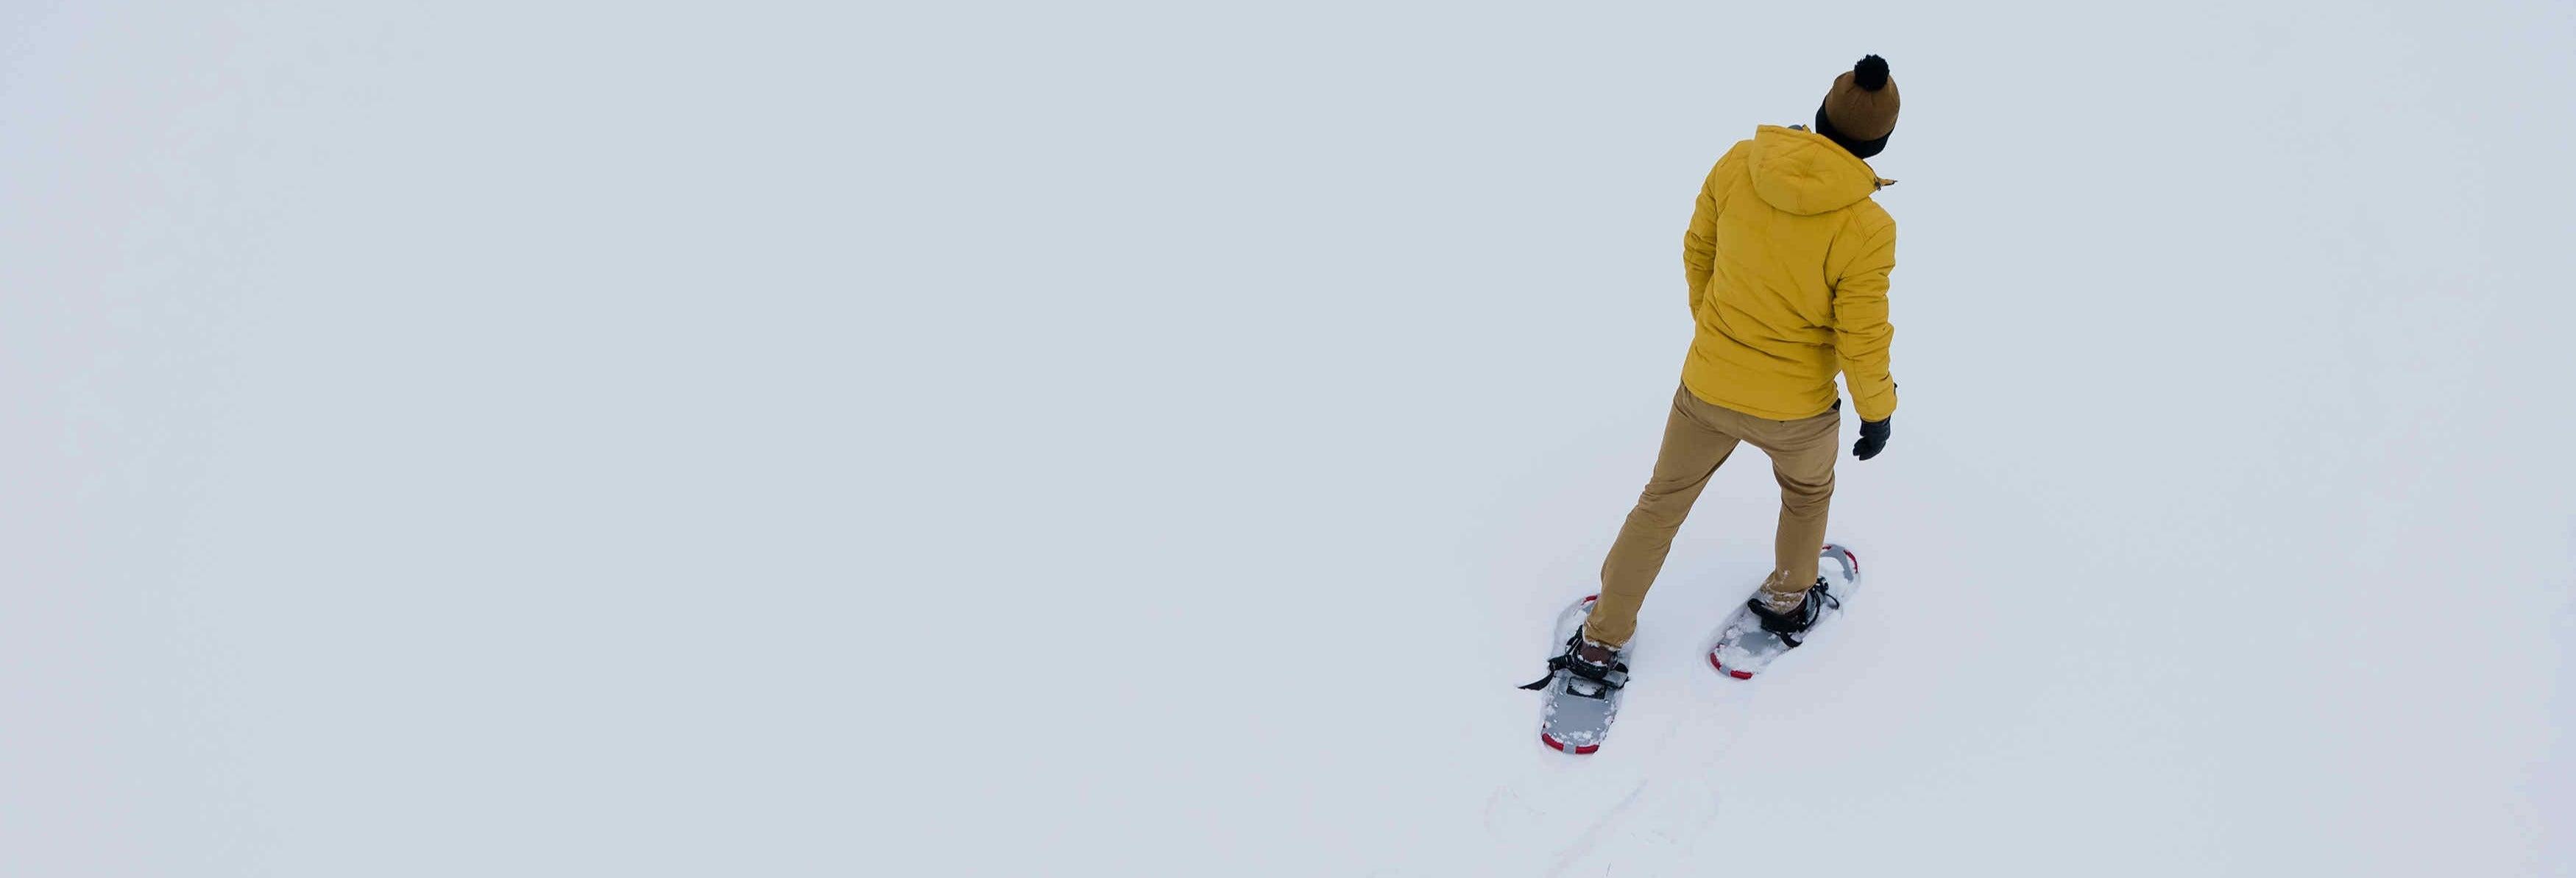 Balade en raquettes à Fairbanks